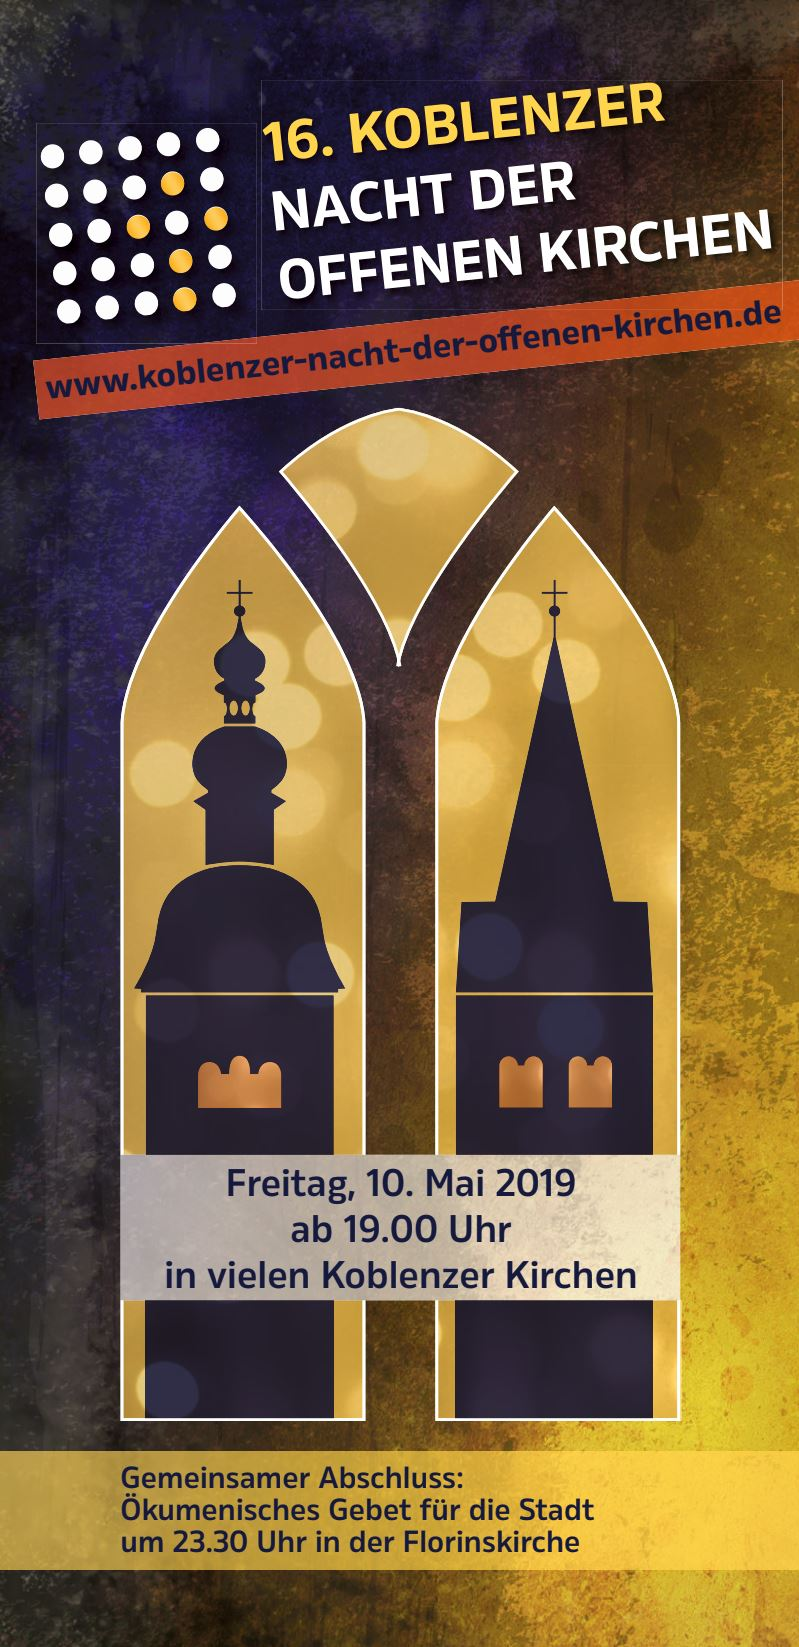 16.Nach-o.-Kirchen-flyer.JPG